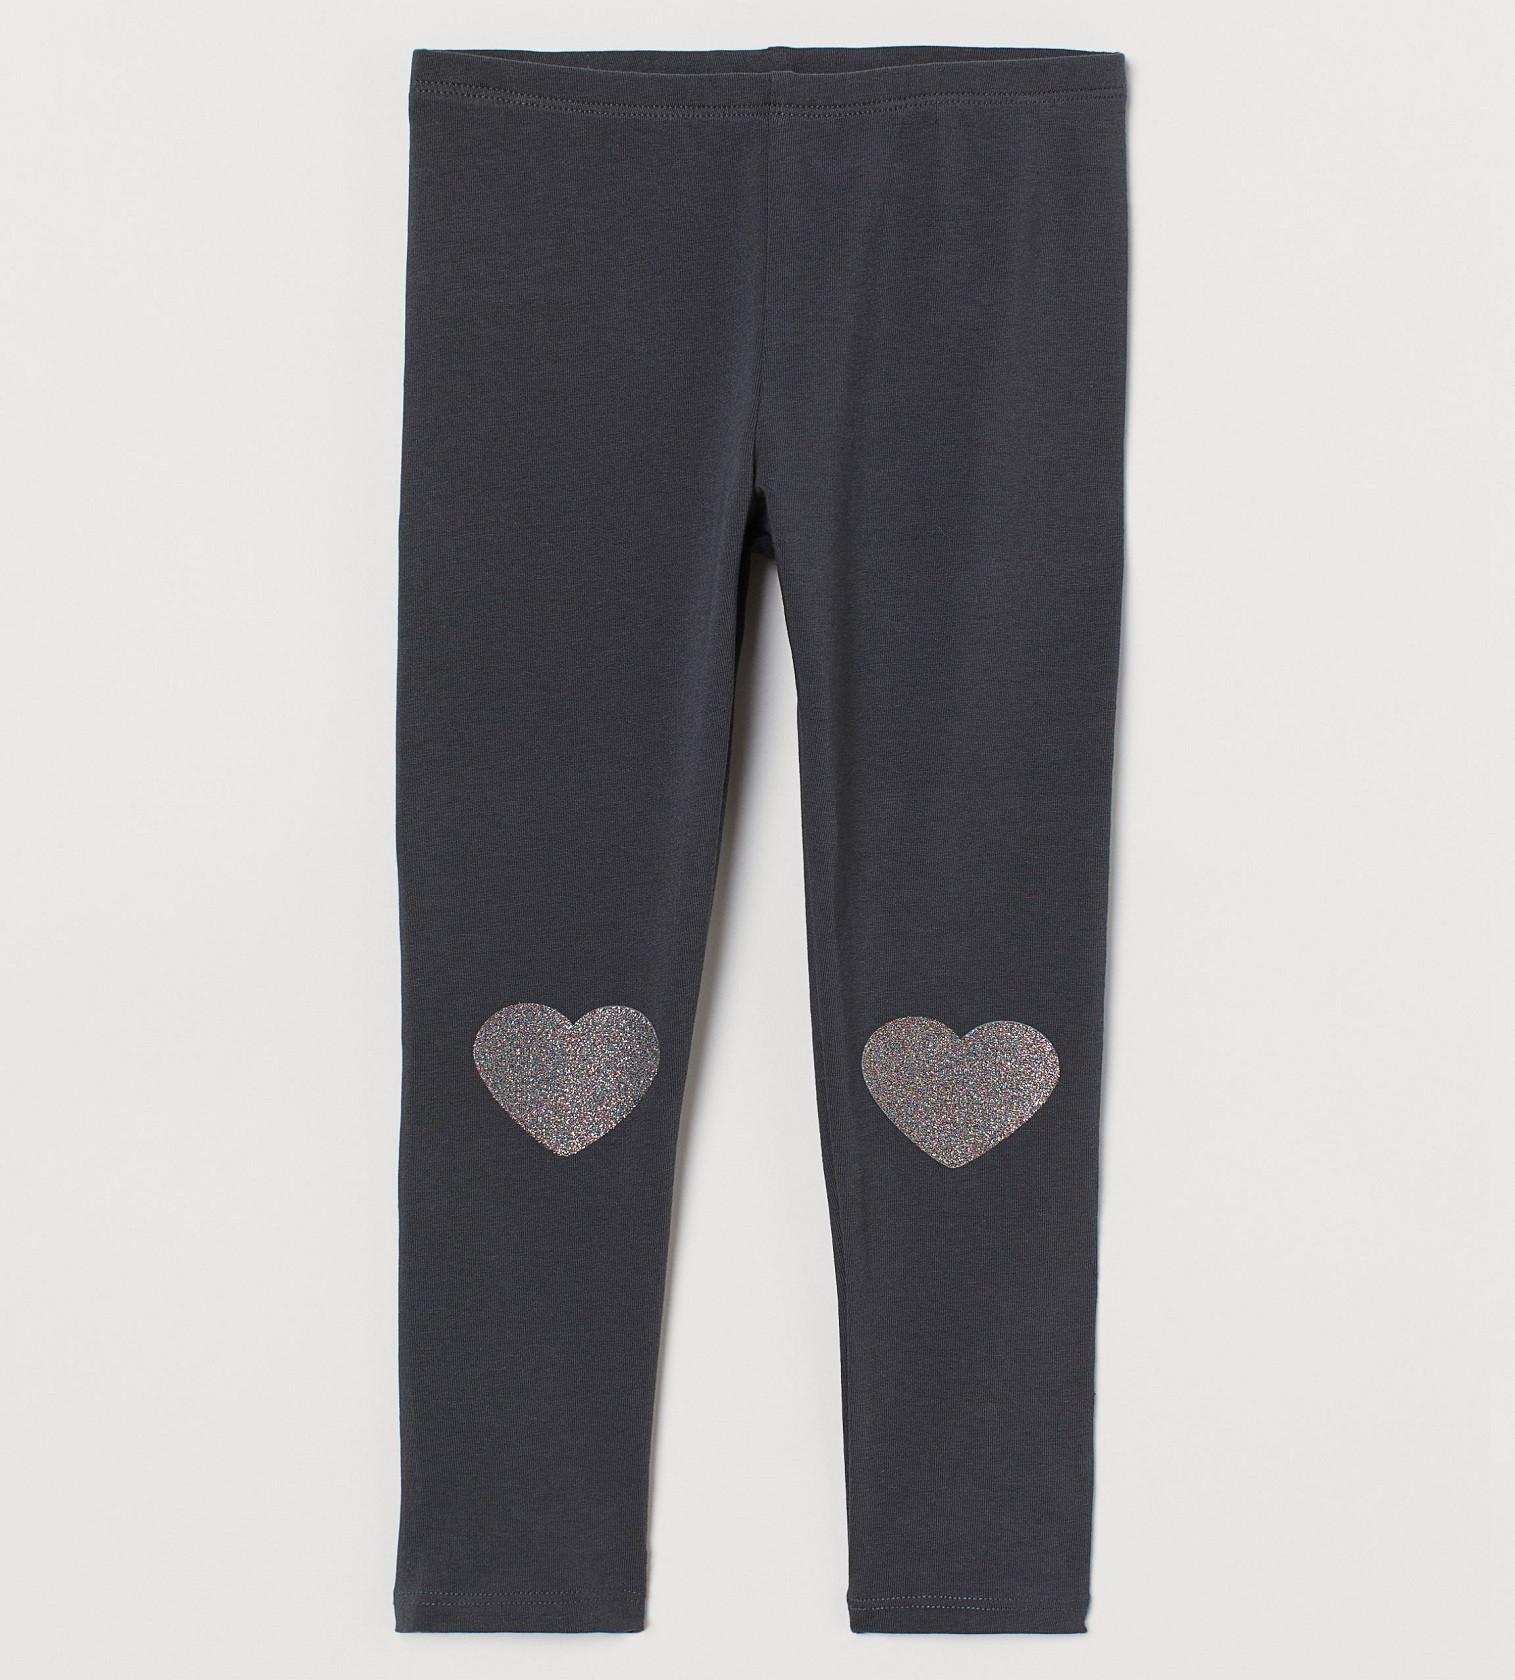 Купити Леггінси H&M Navy blue/Hearts - фото 1